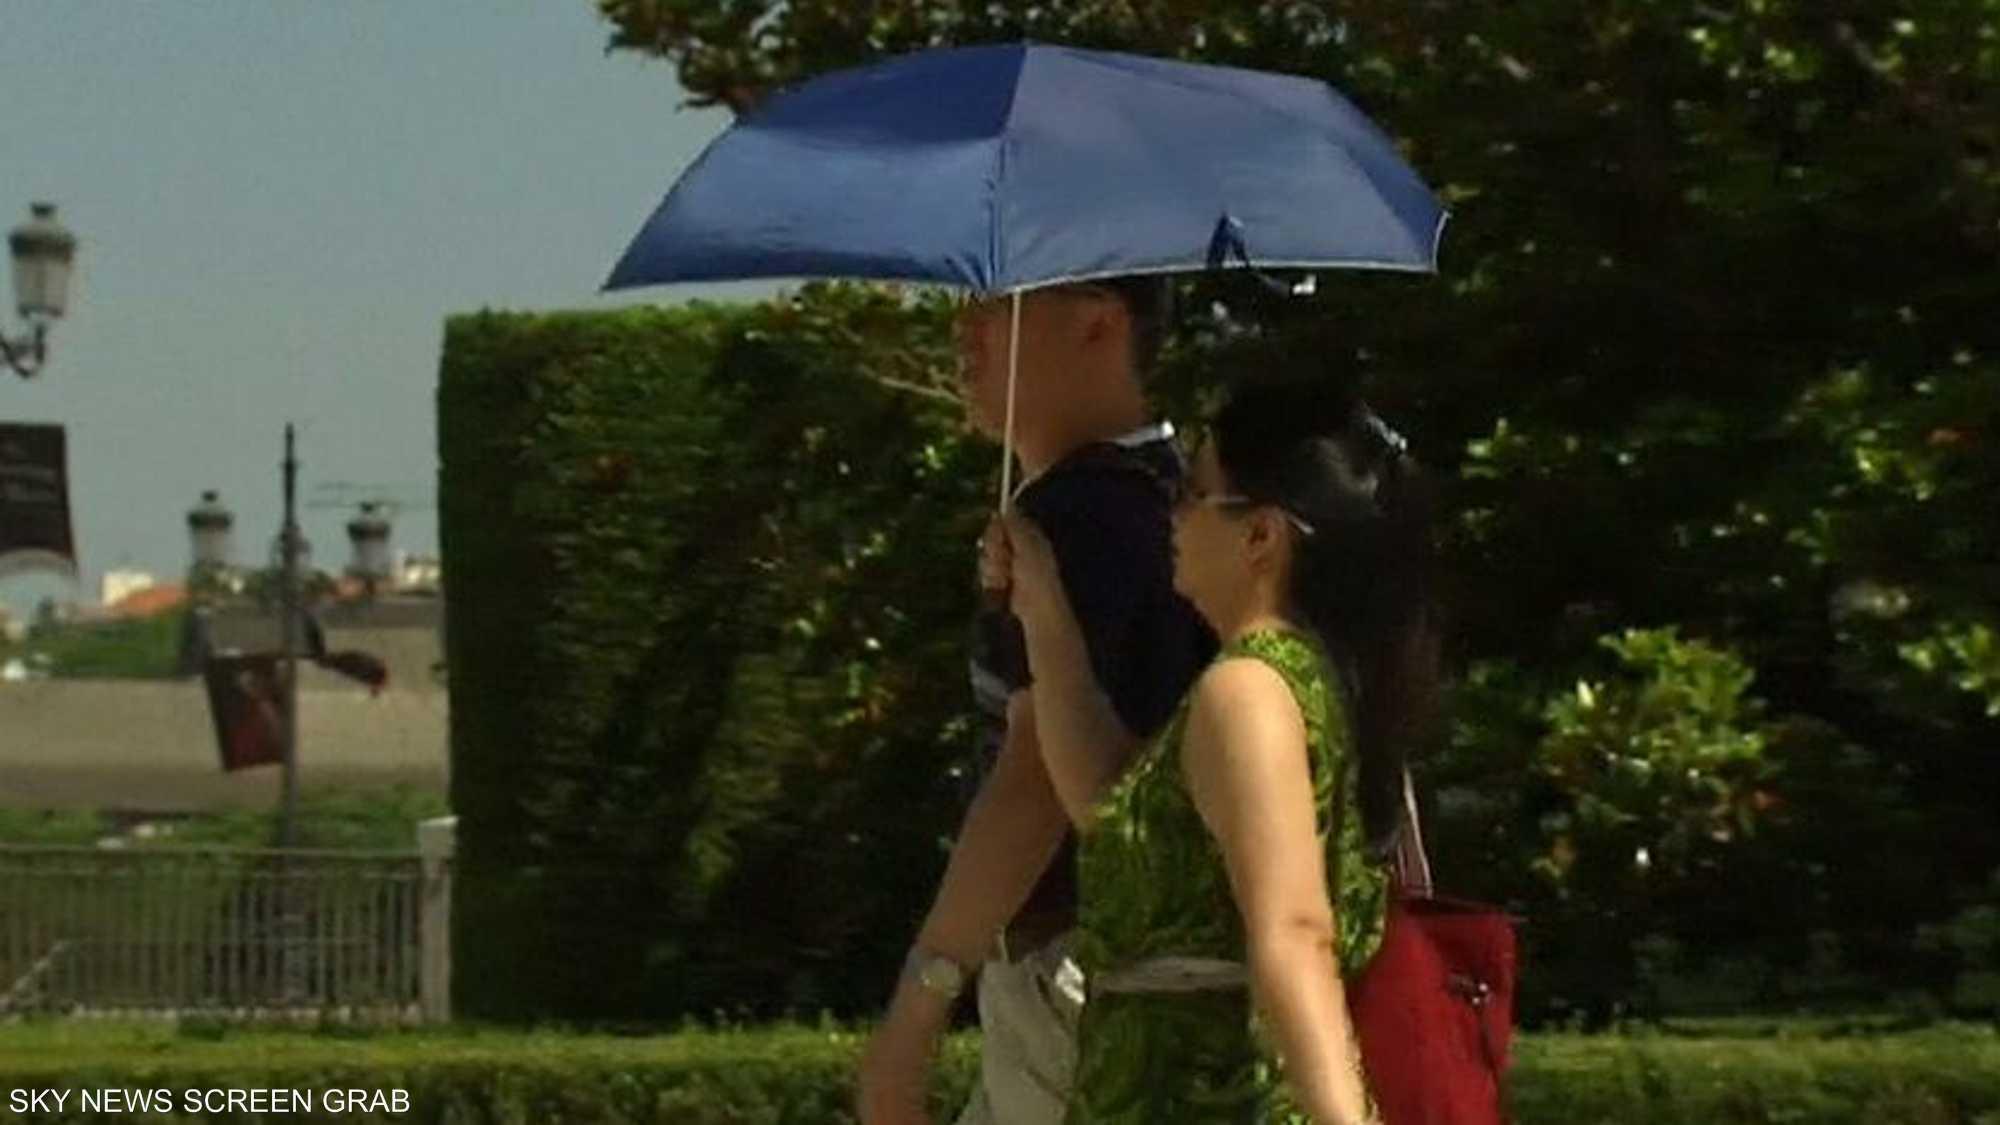 أطباء يحذرون من إهمال ترطيب الجسم خلال الصيف